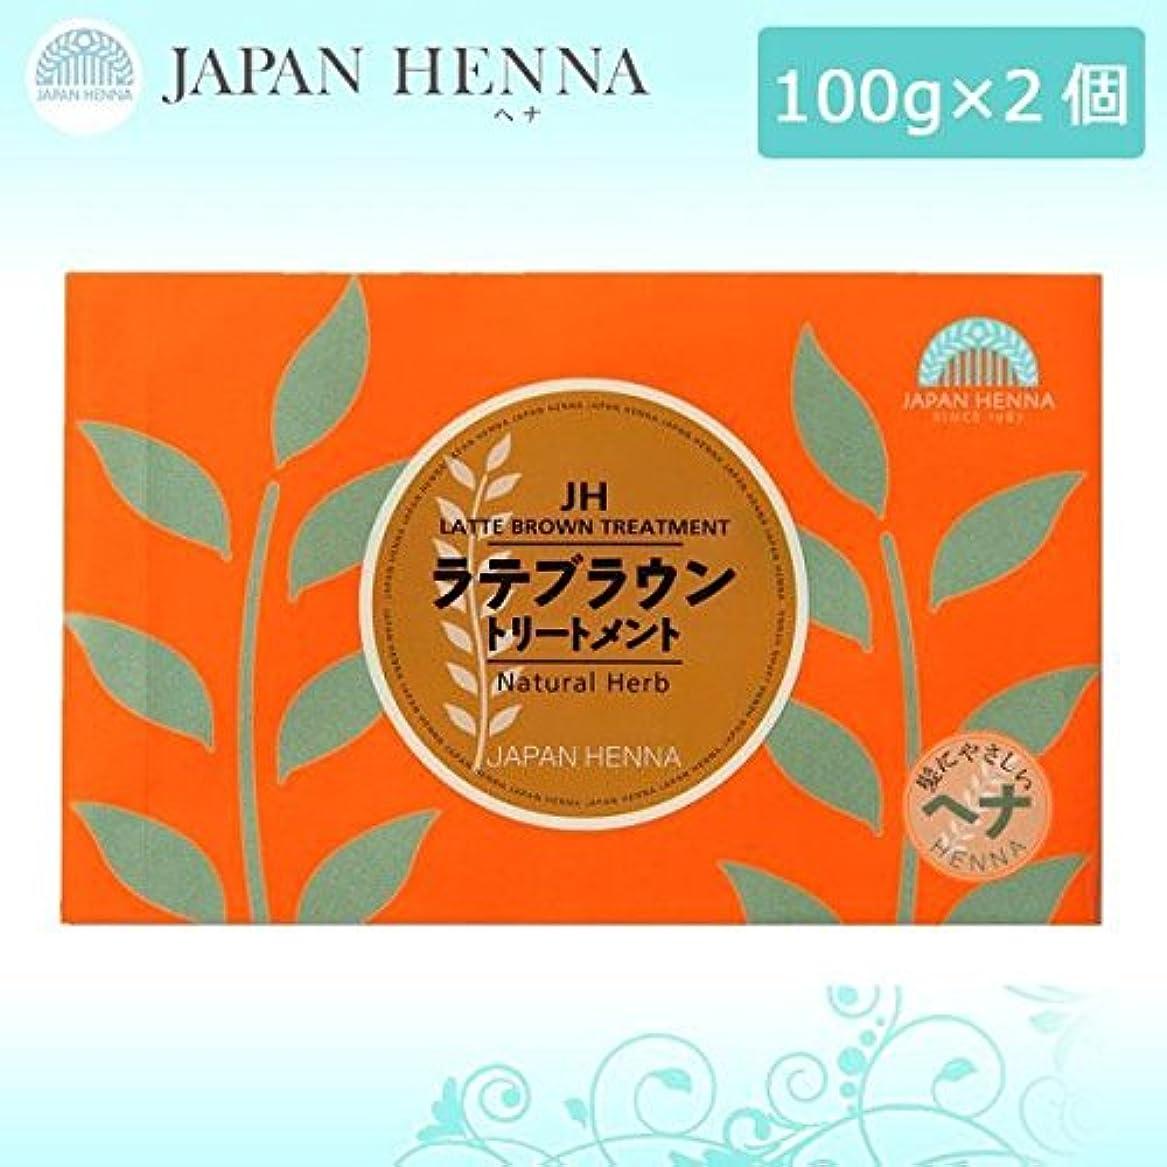 脱走ポルティコ検閲ジャパンヘナ ヘナカラートリートメント ラテブラウン B-10 100g×2個セット